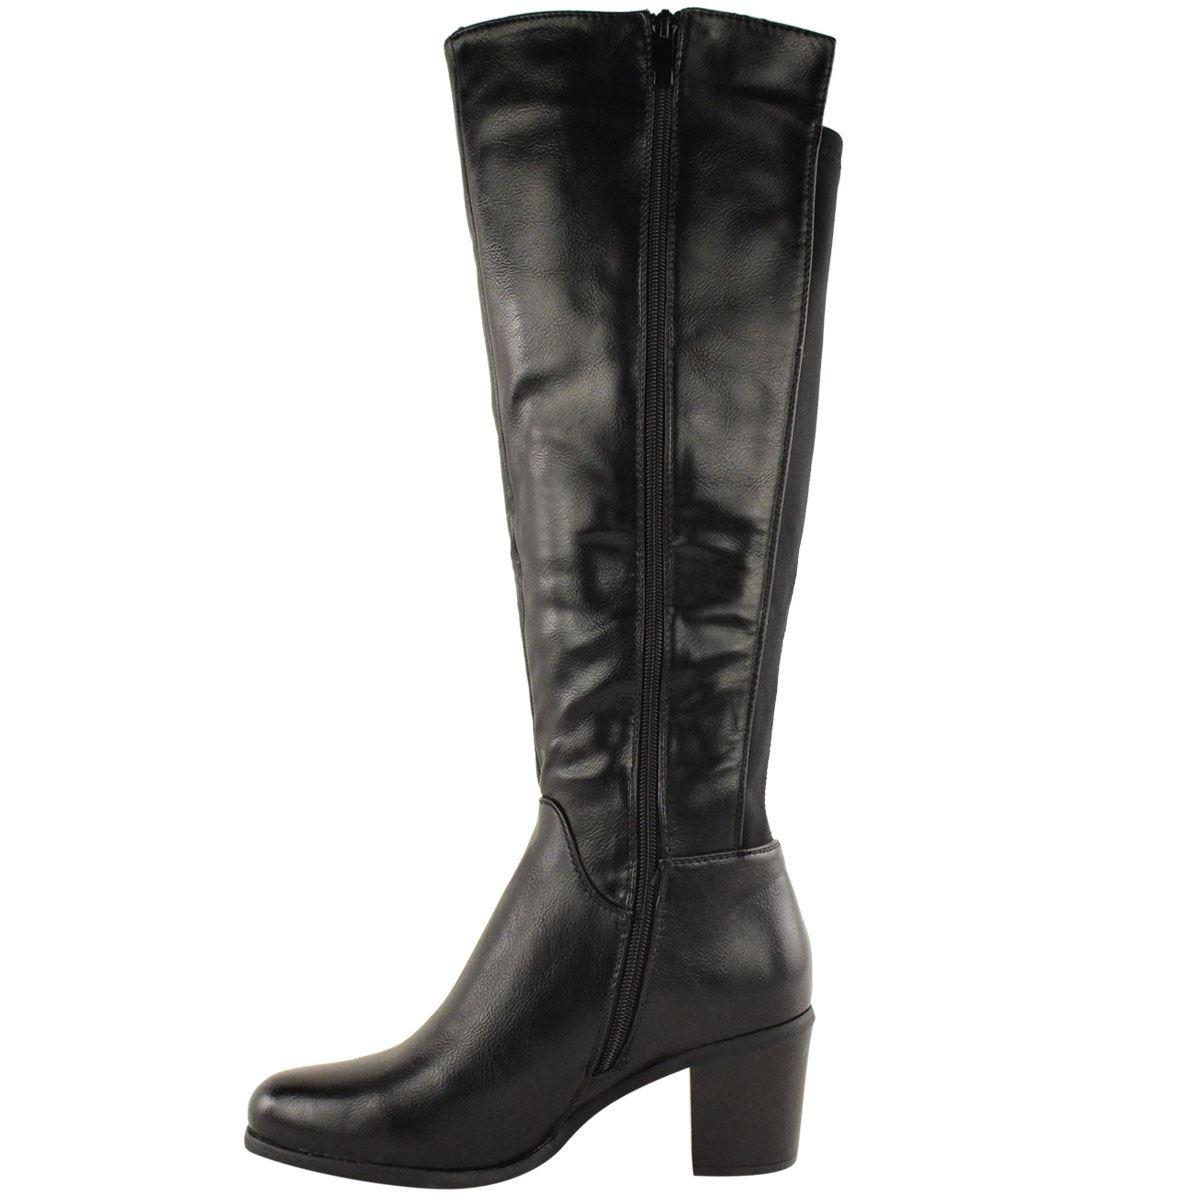 Unique Womens Wedge Heel Knee High Mid Calf Wide Leg Elastic Ladies Winter Biker Boots | EBay